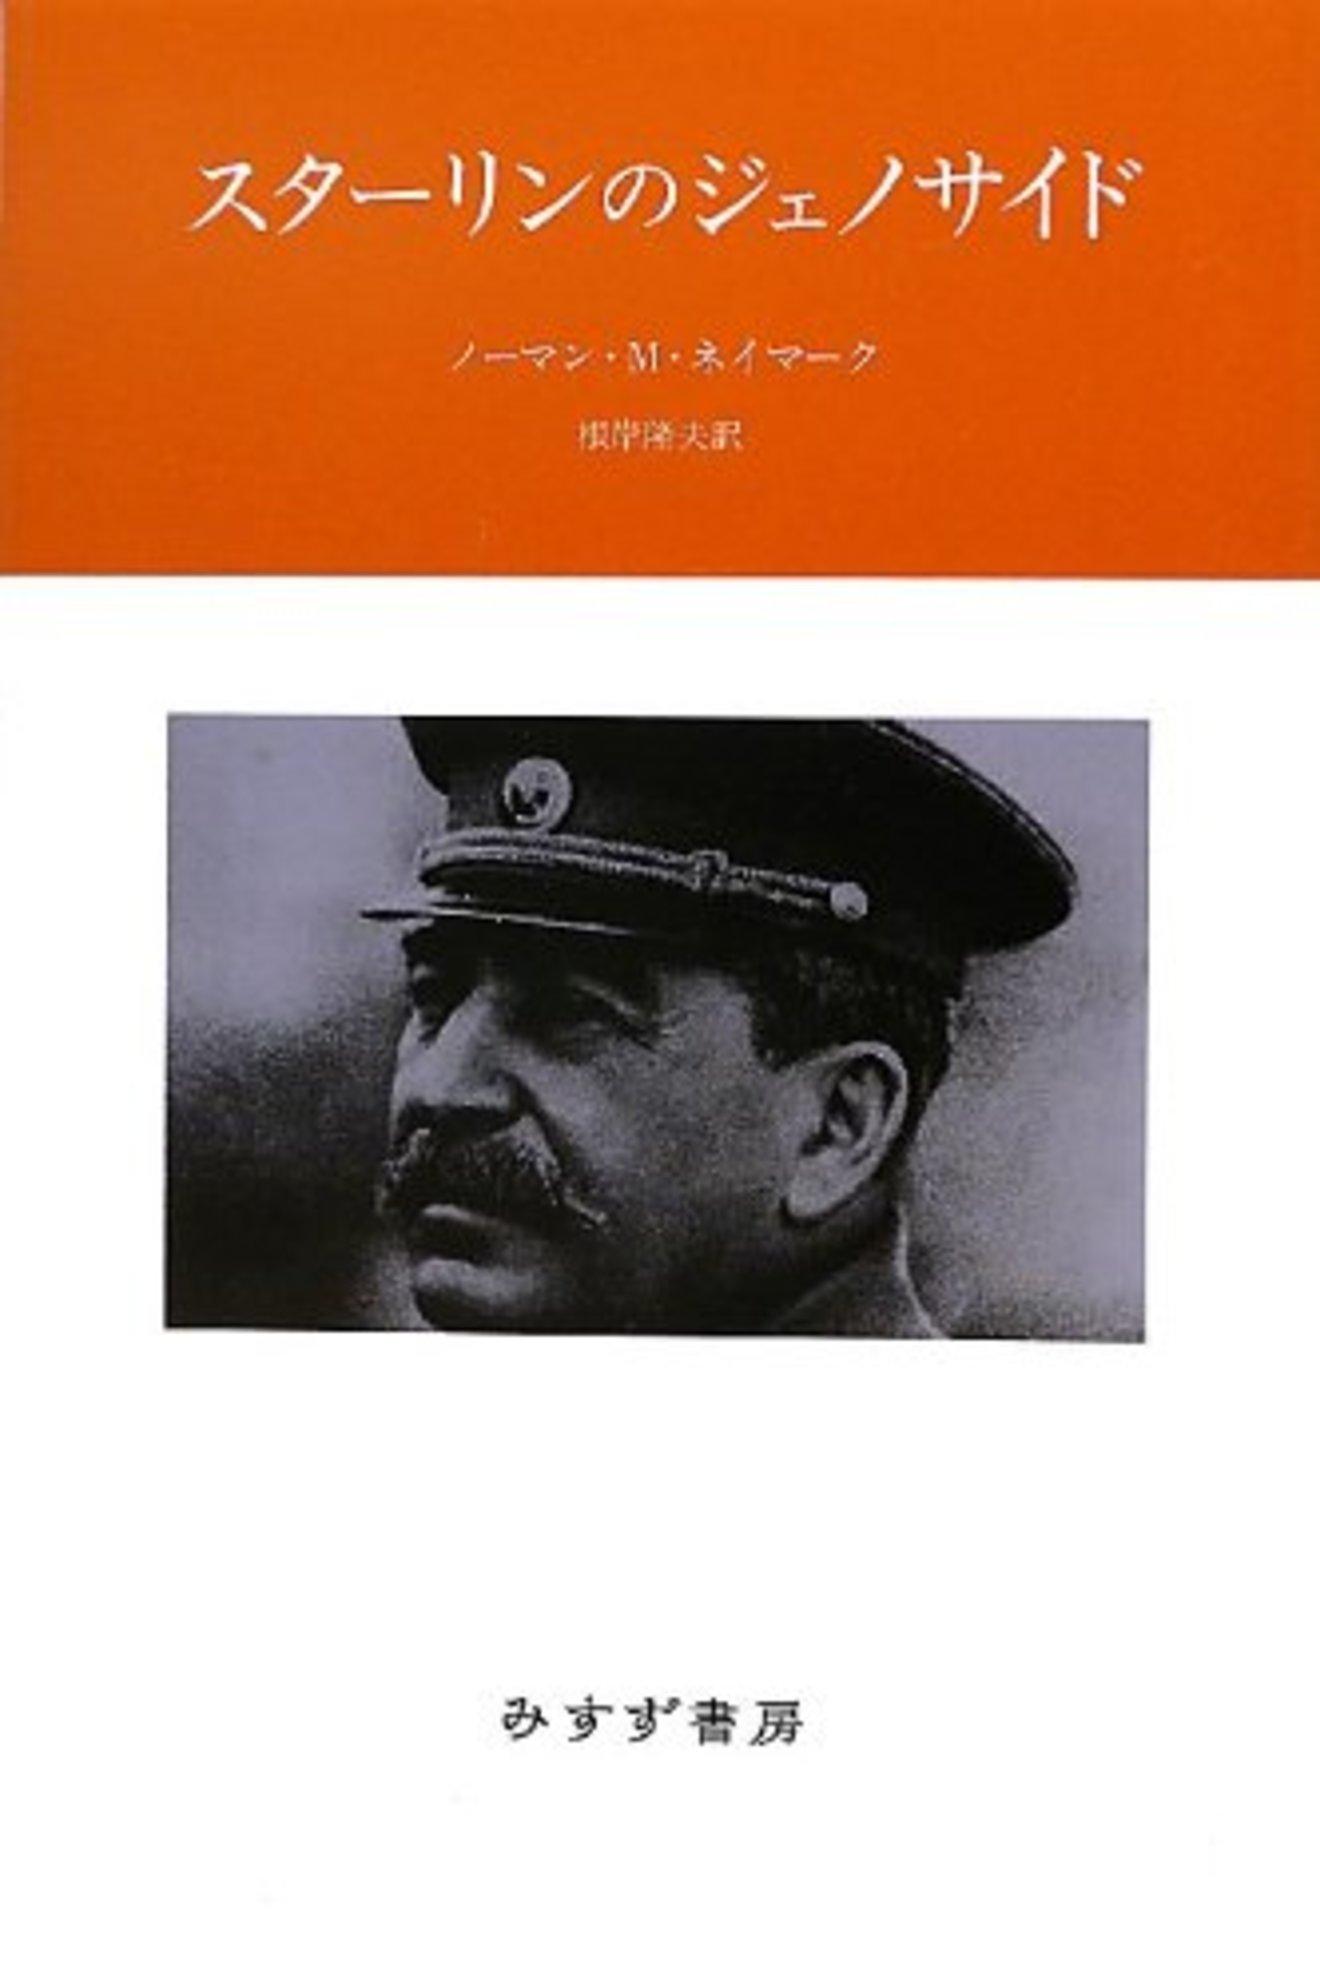 ヨシフ・スターリンにまつわる逸話5選!ソ連を率いた独裁者の生涯に迫る